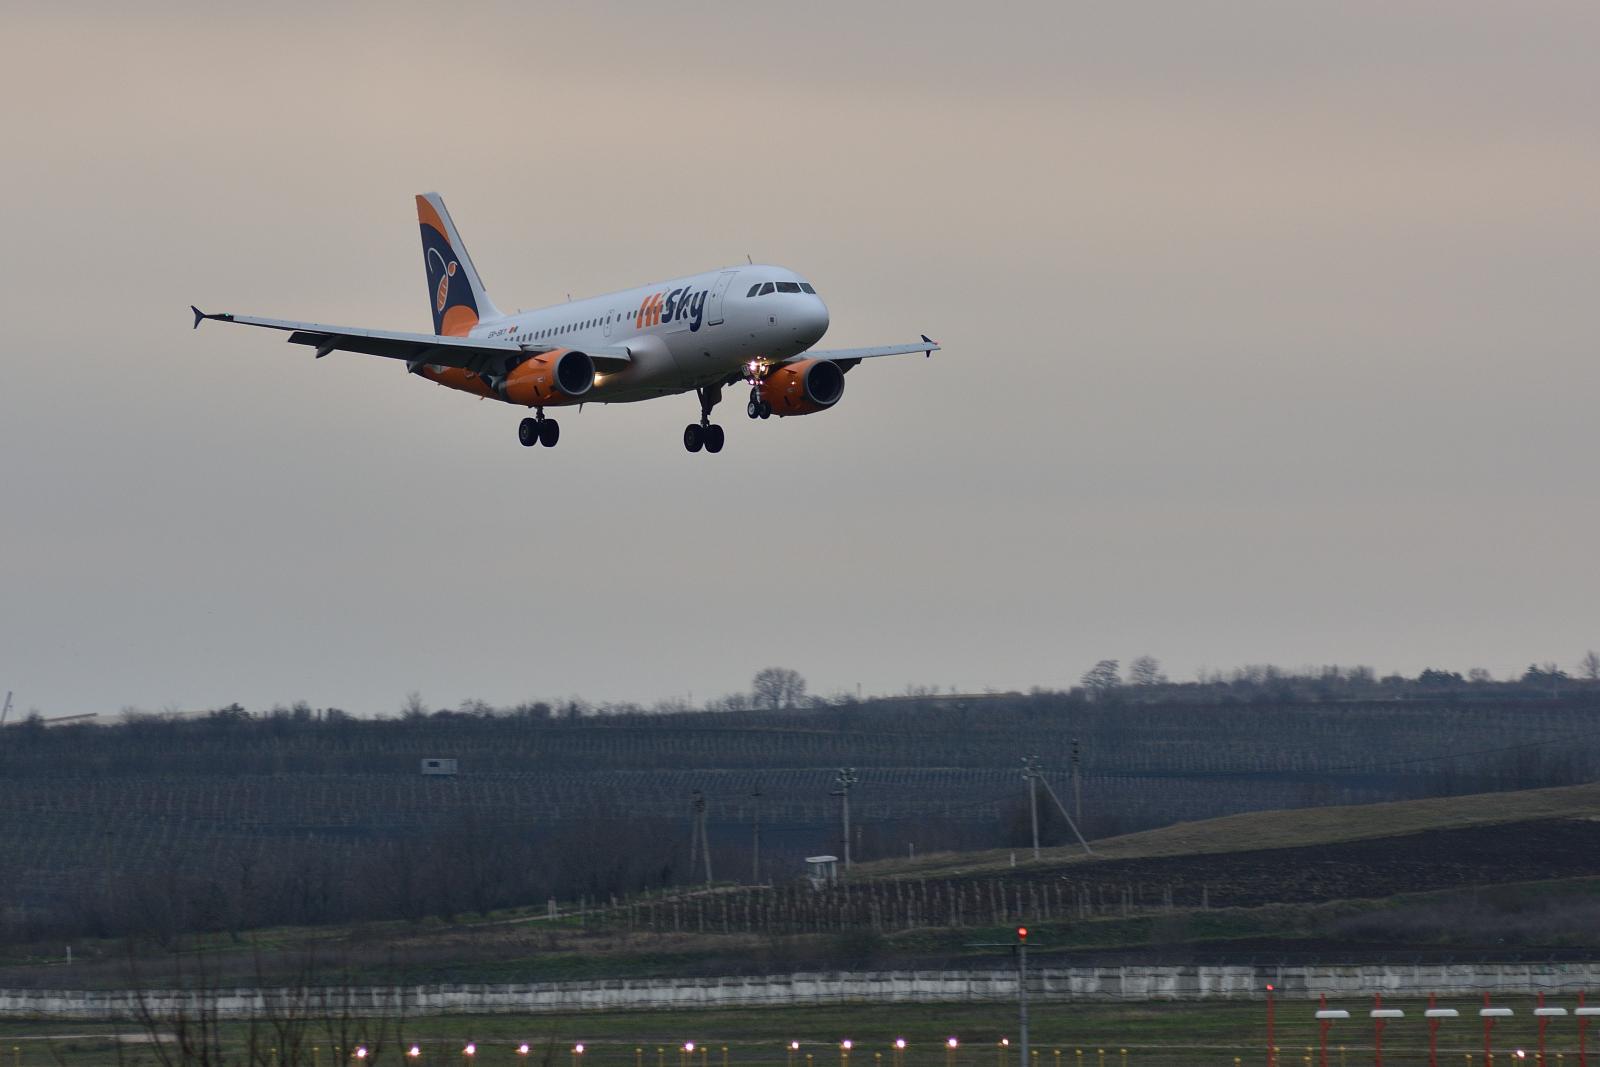 Airbus A319, ER-SKY